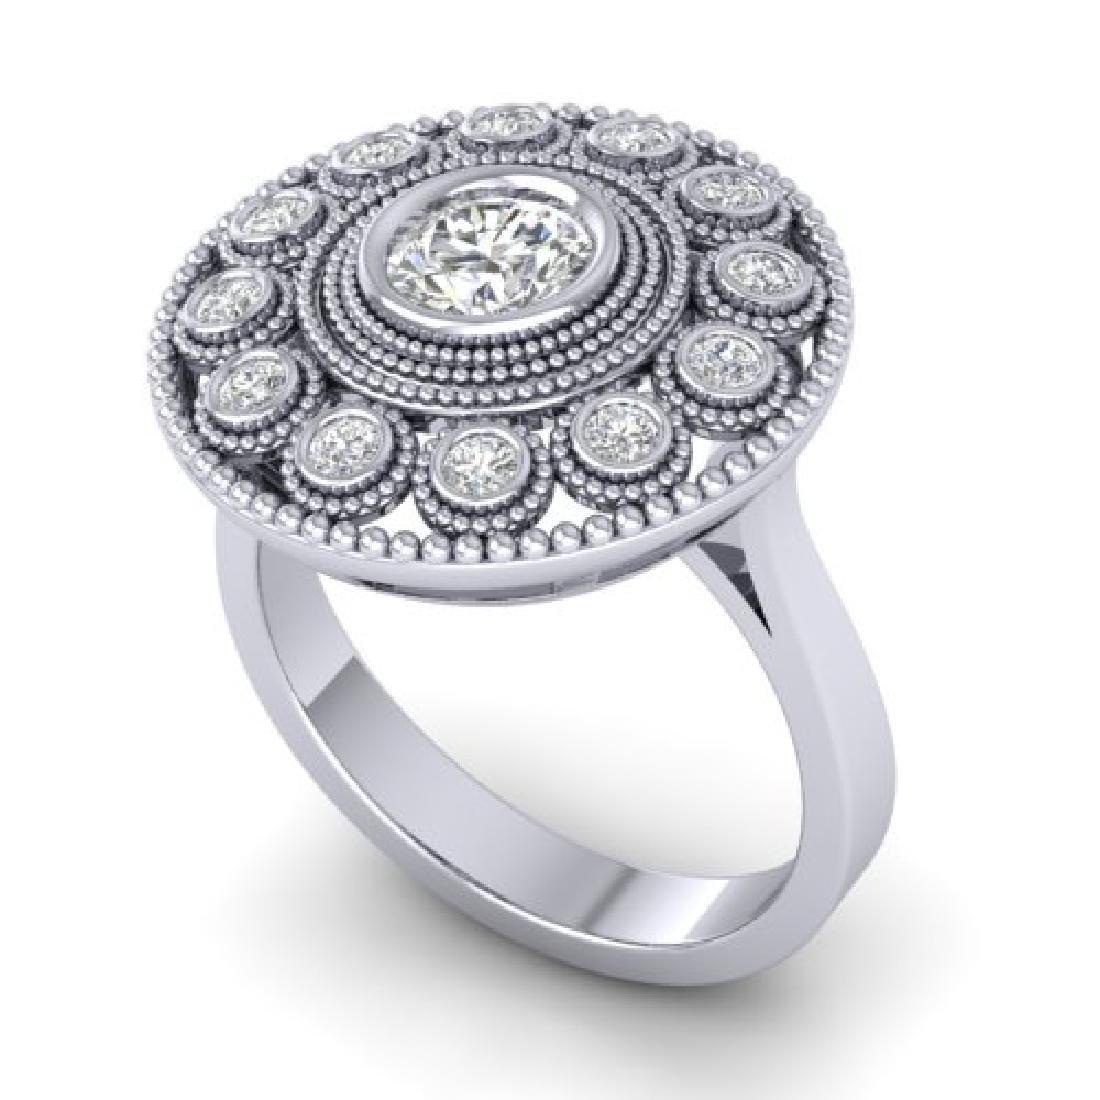 0.91 CTW Certified VS/SI Diamond Art Deco Ring 18K - 2